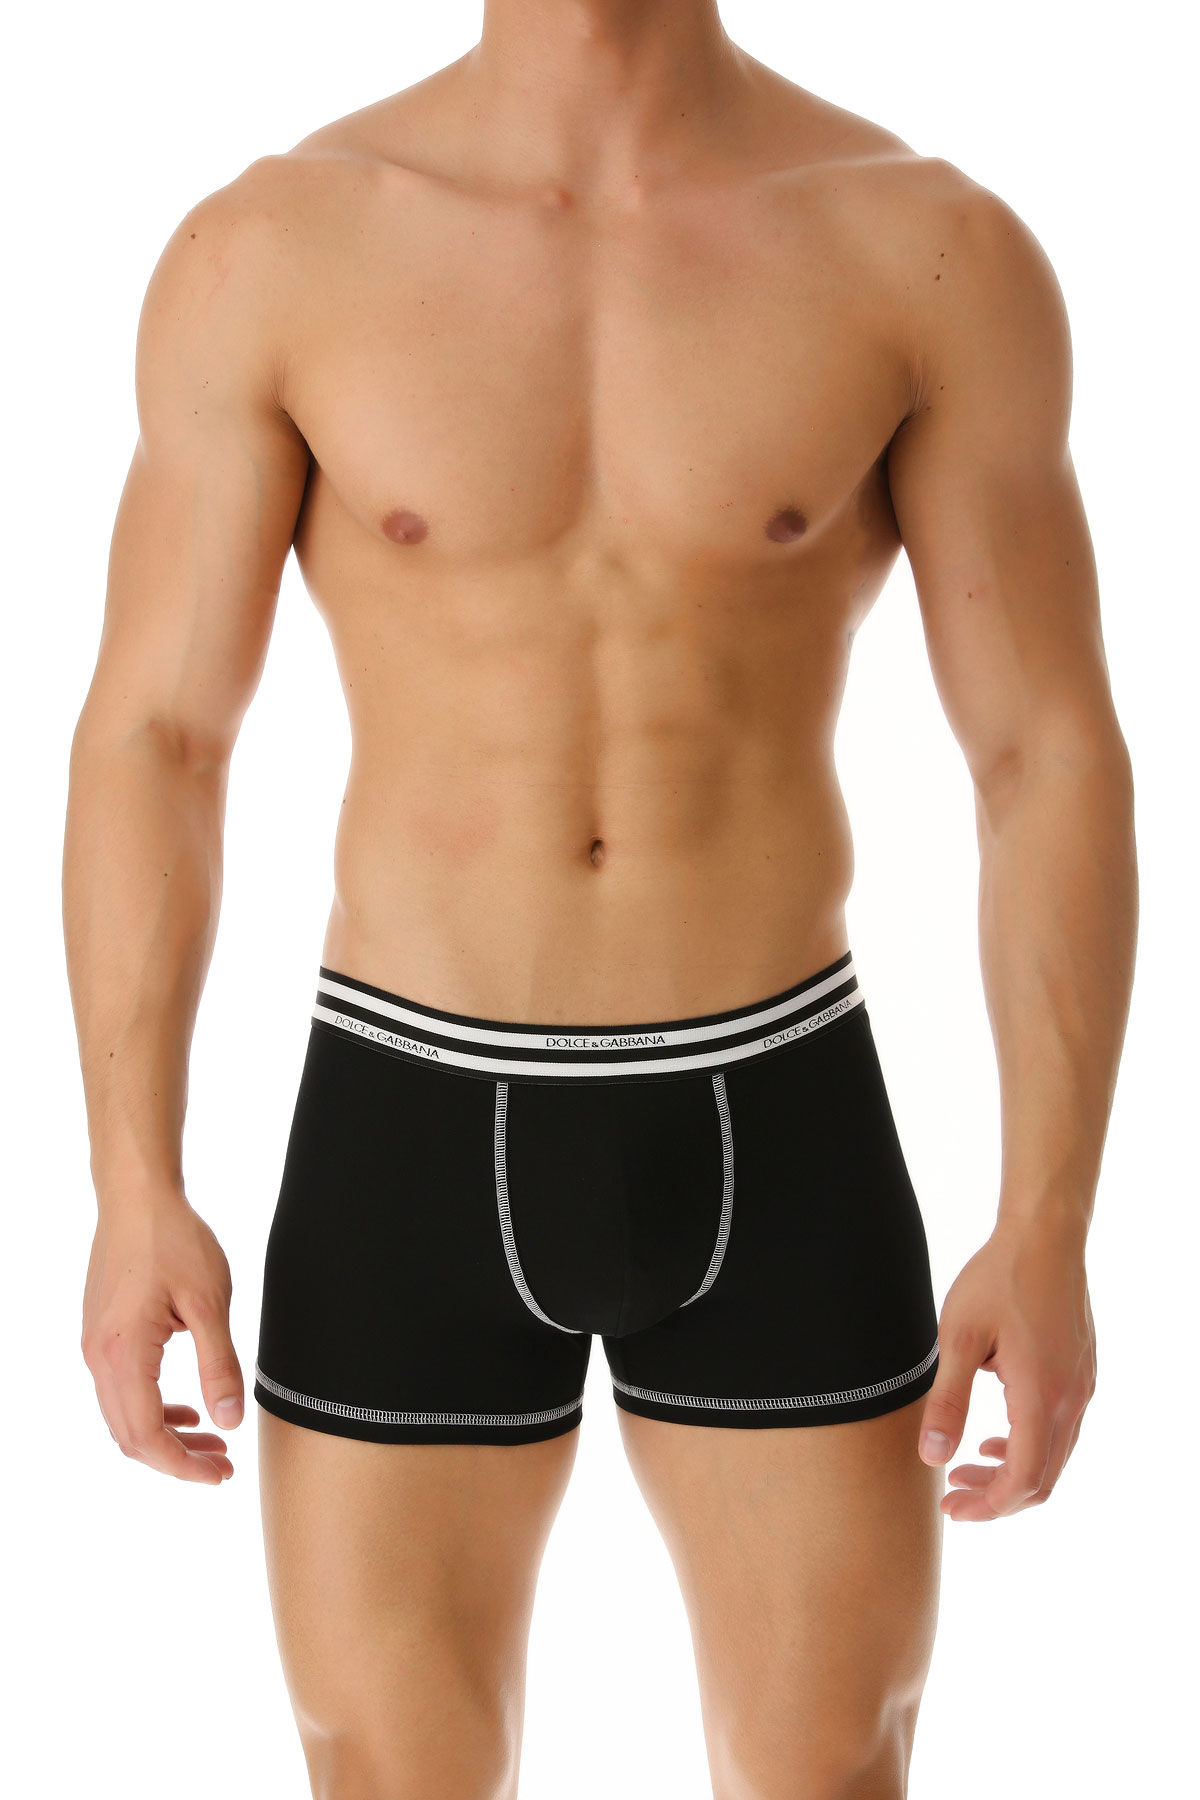 Dolce & Gabbana Boxer Briefs for Men, Boxers, Black, Cotton, 2019, S (IT 3) M (IT 4)